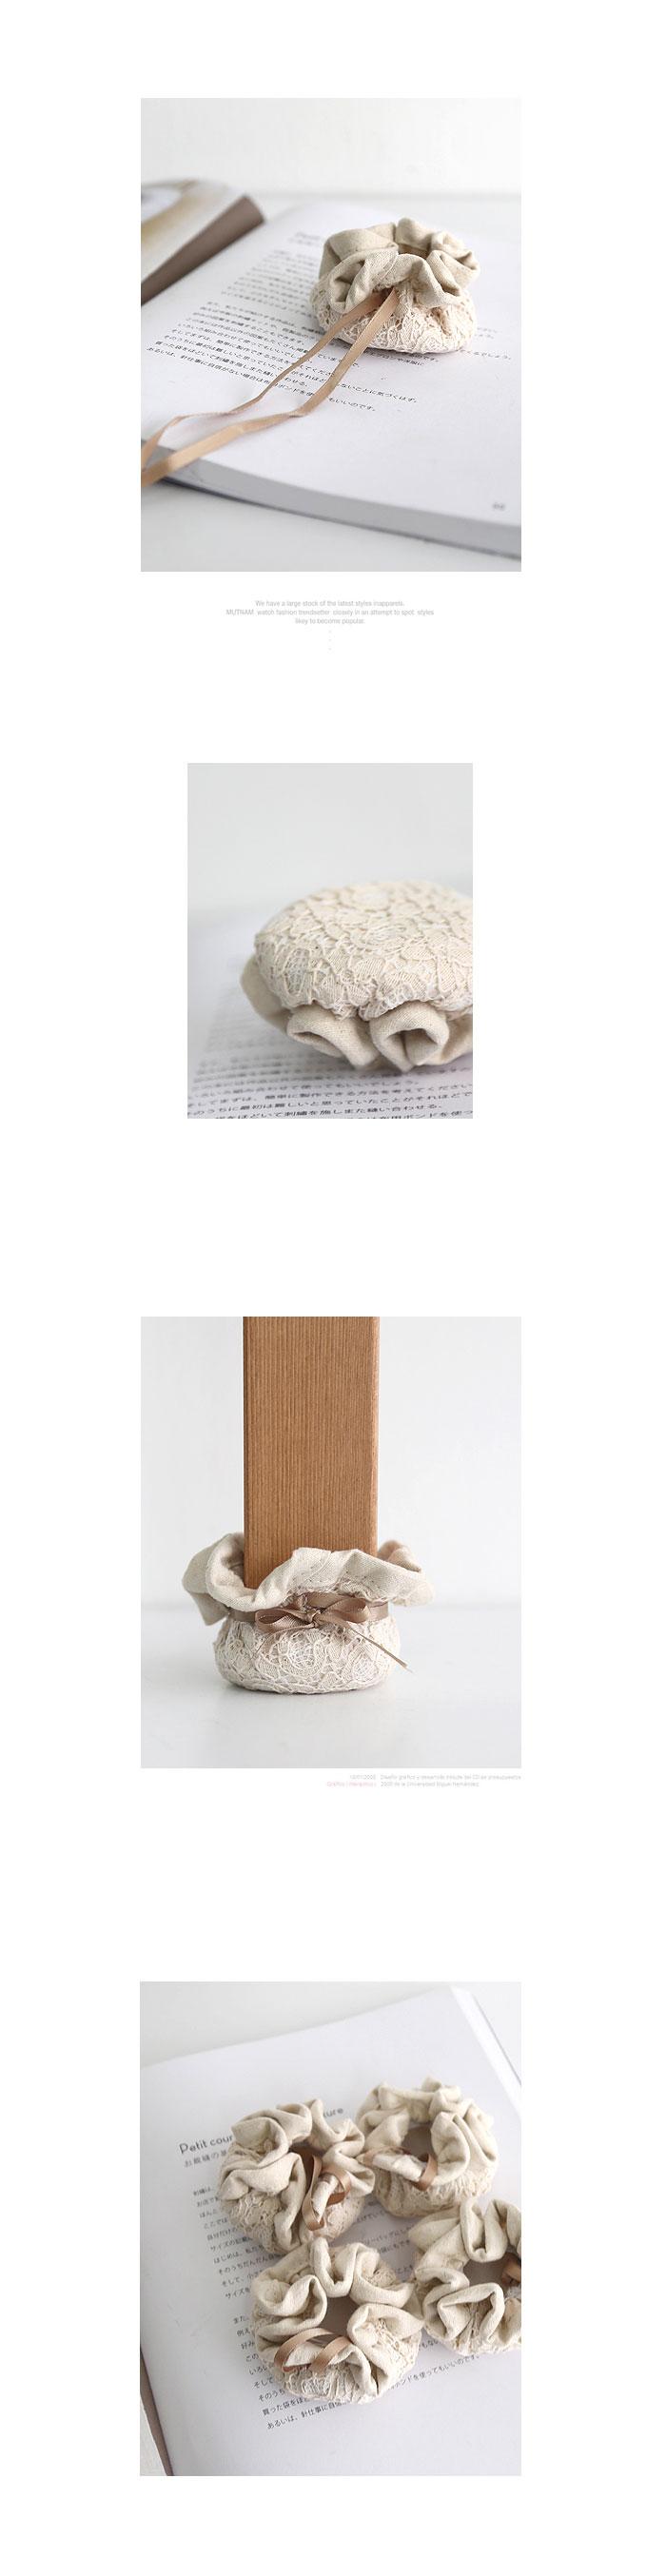 프린세스 의자발커버 (의자 1개용)-annahouse - 안나하우스, 6,000원, 커버류, 기타 커버류